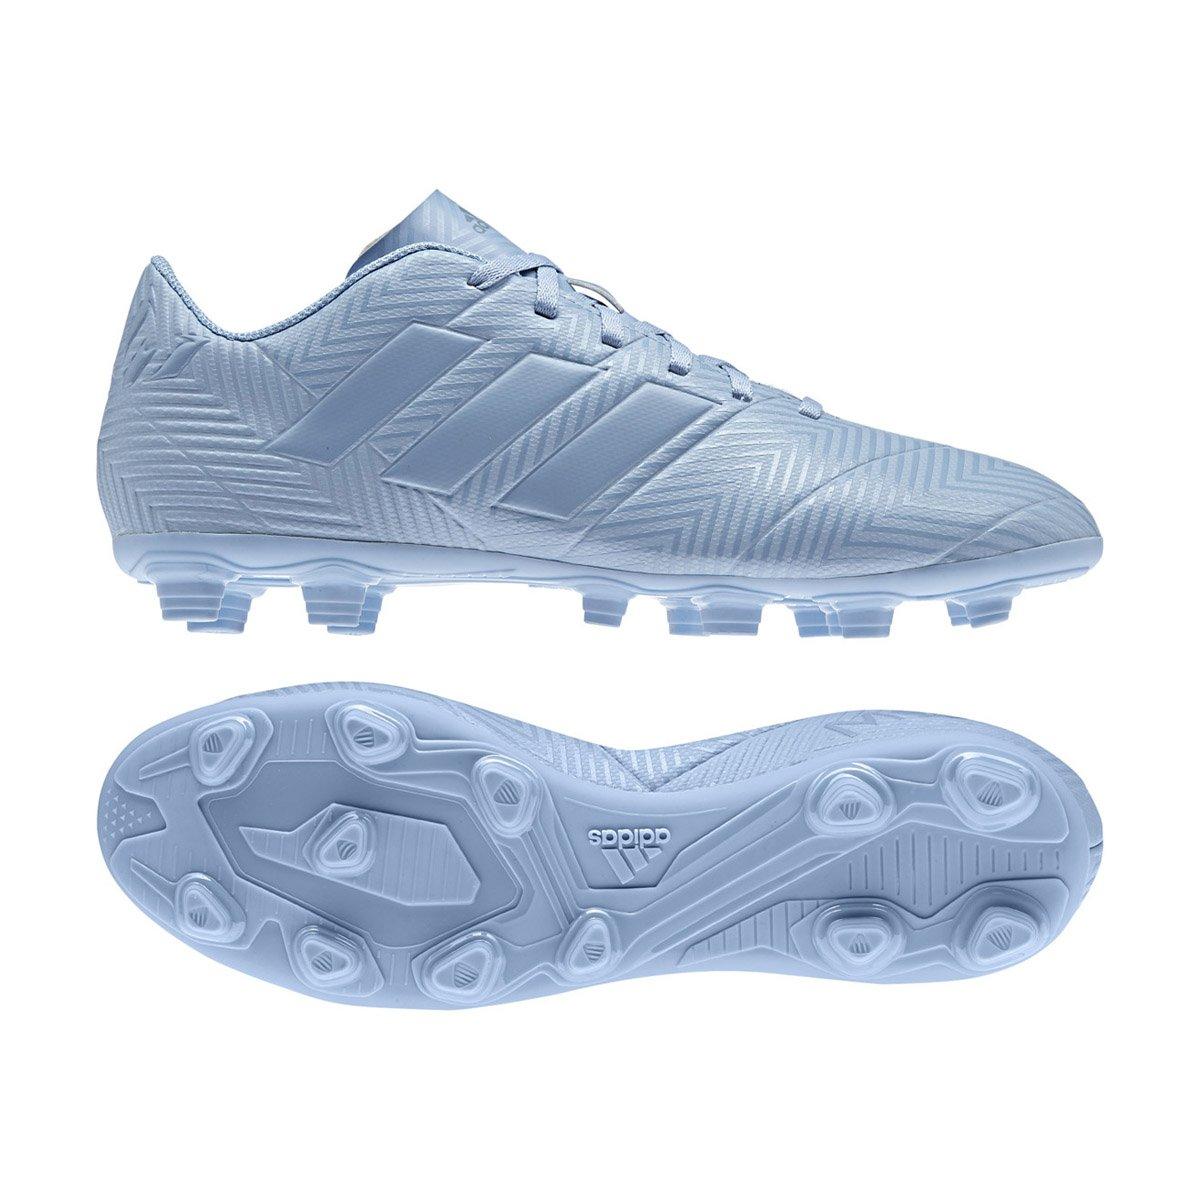 9a594a4e Compre 2 APAGADO EN CUALQUIER CASO zapatos soccer adidas Y OBTENGA ...